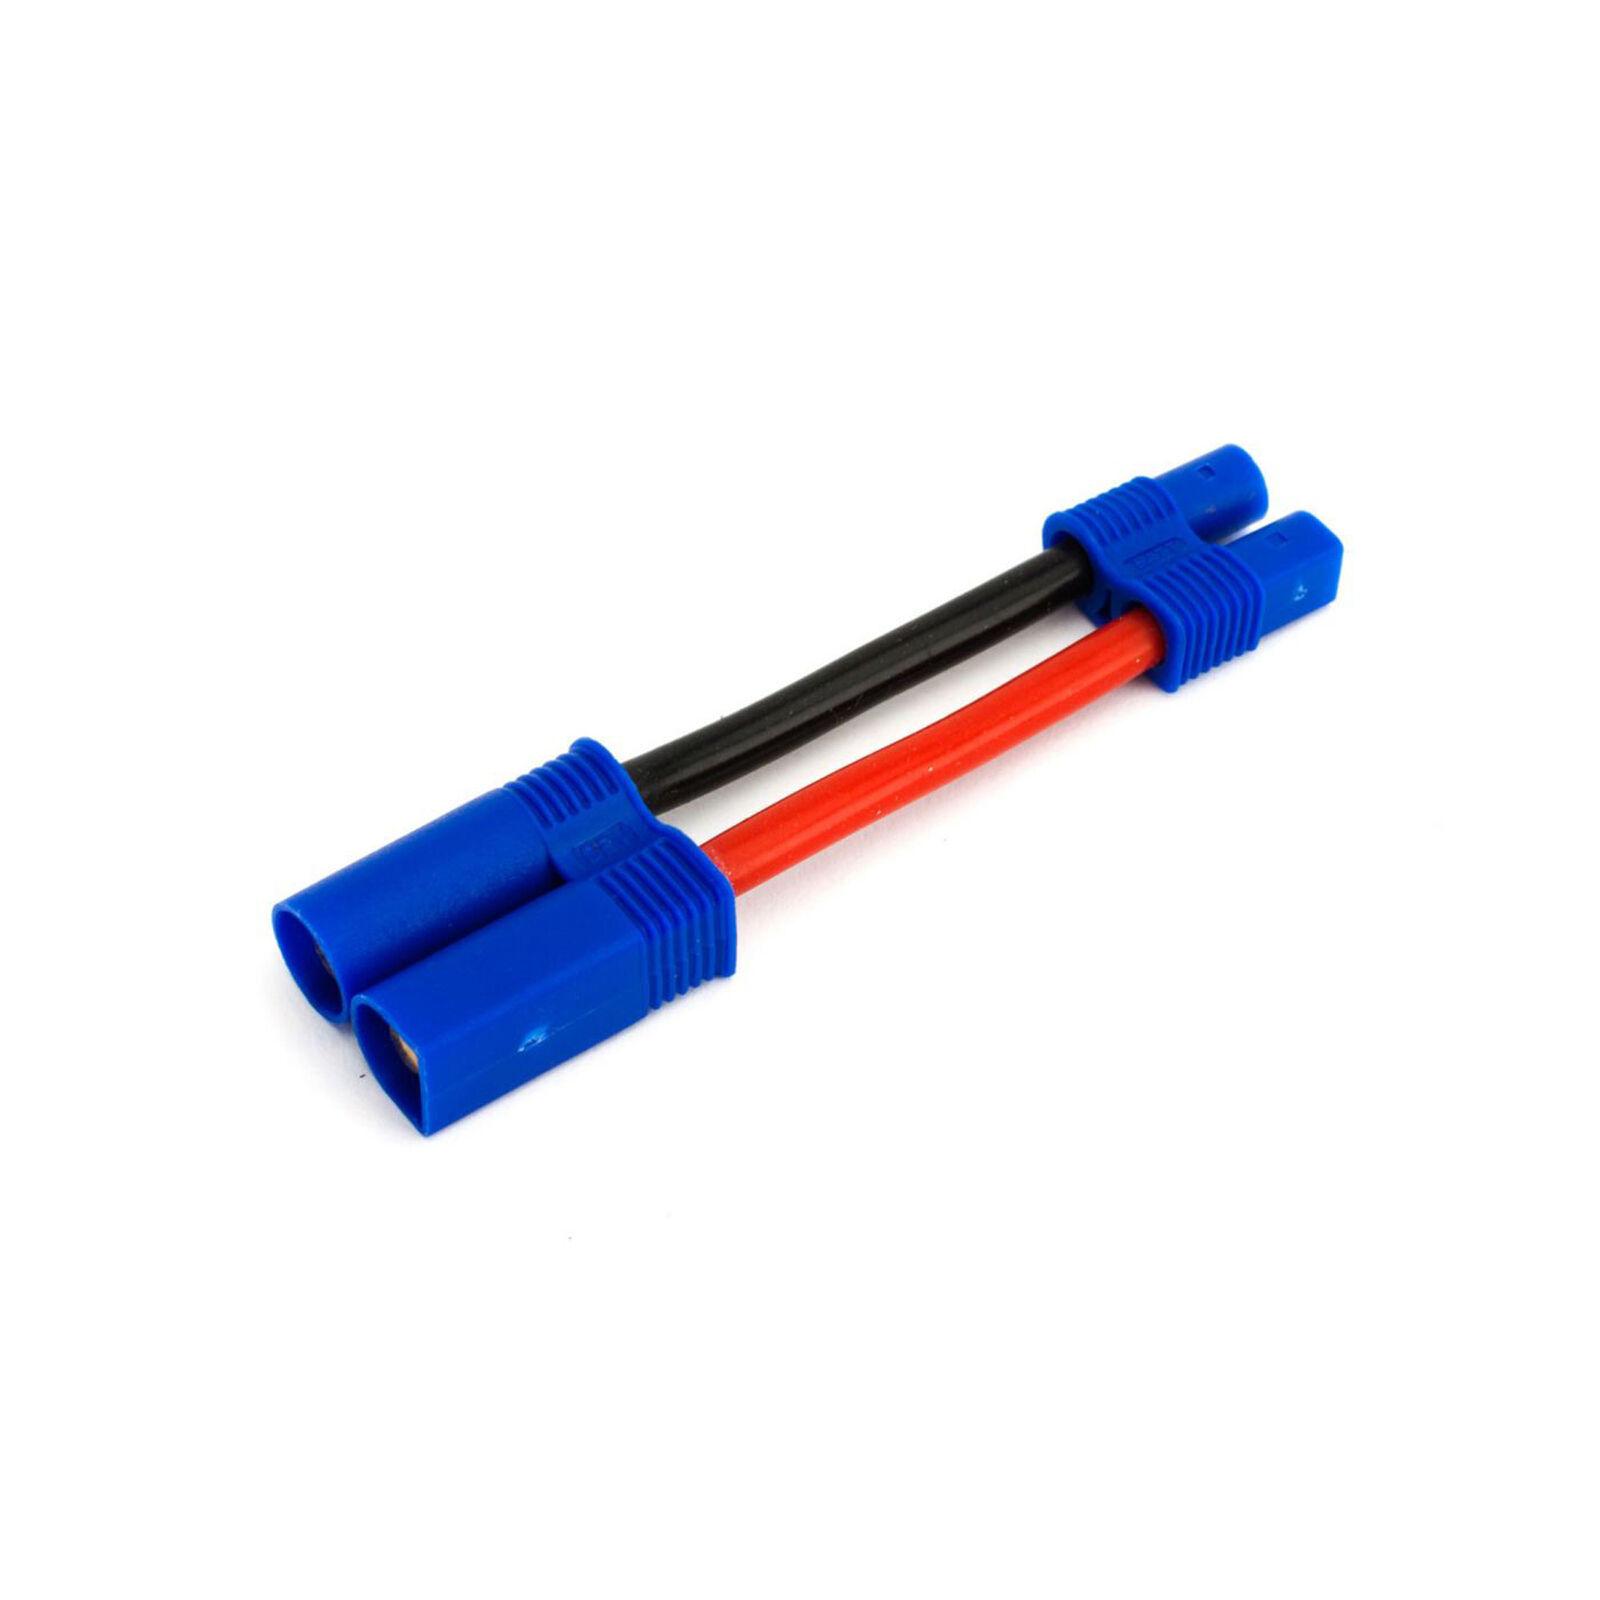 Adapter: EC5 Device / EC3 Battery